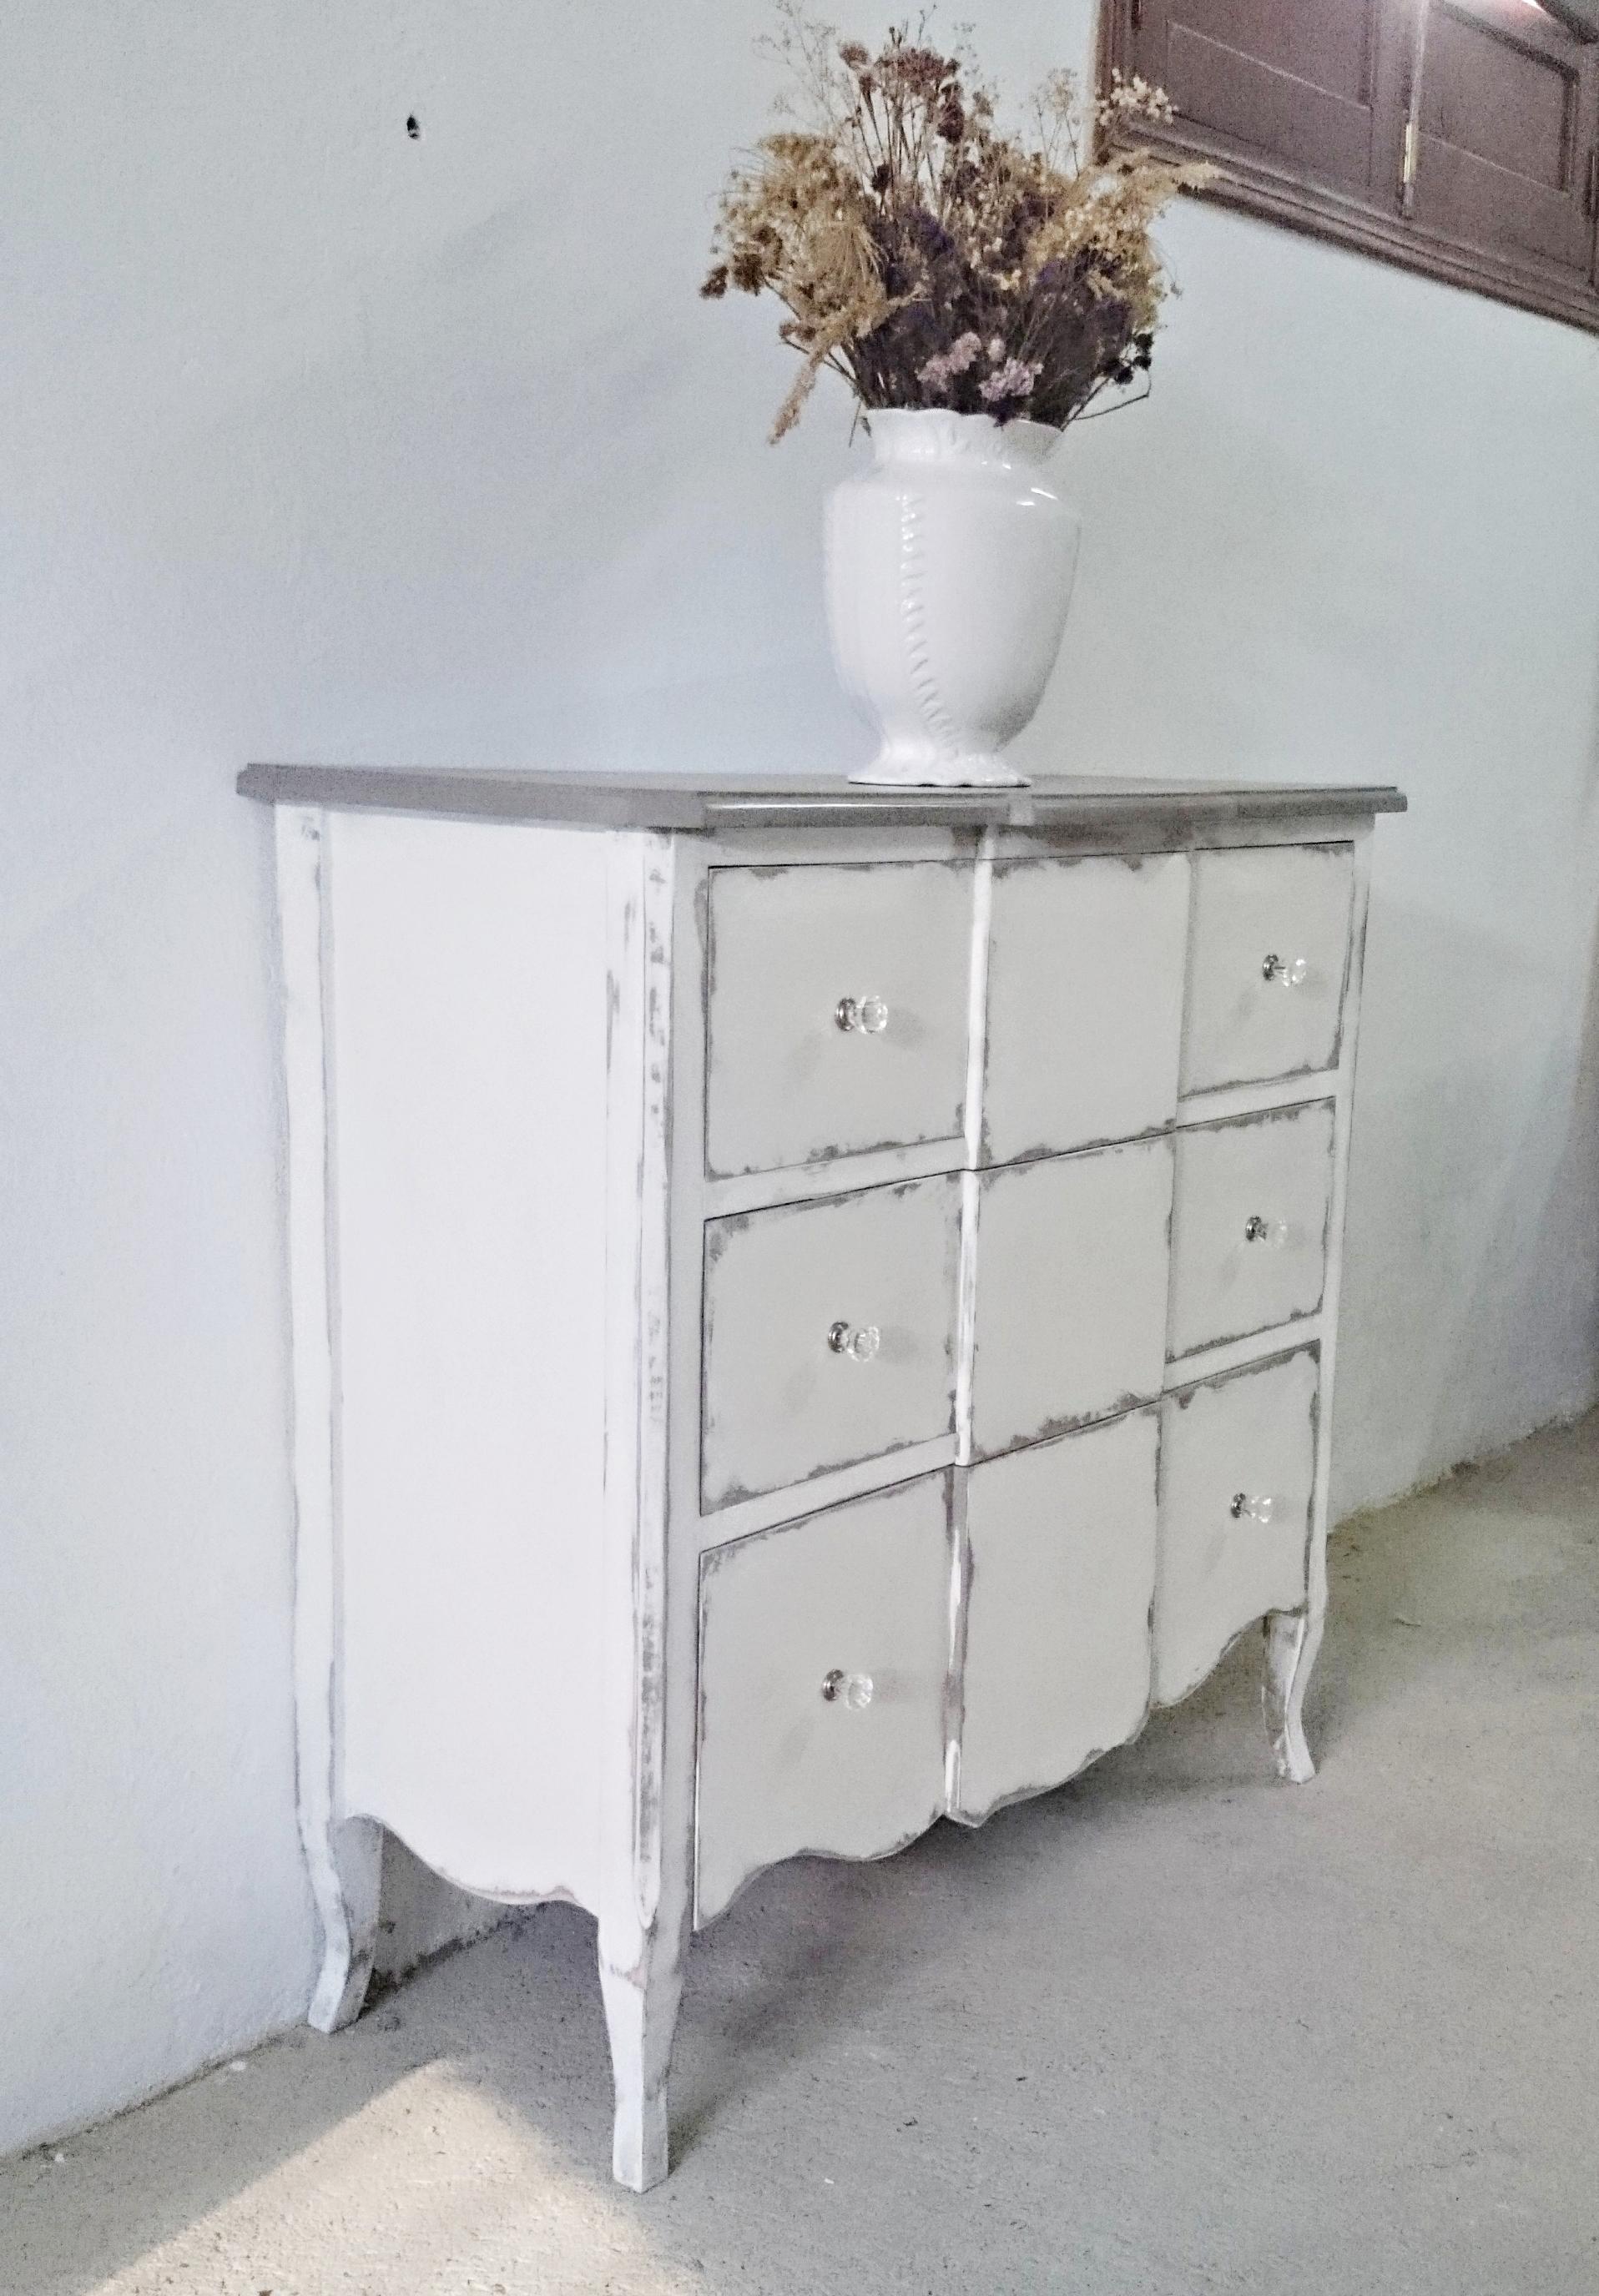 C moda shabby chic en blanco y gris decapado tienda - Muebles shabby chic online ...